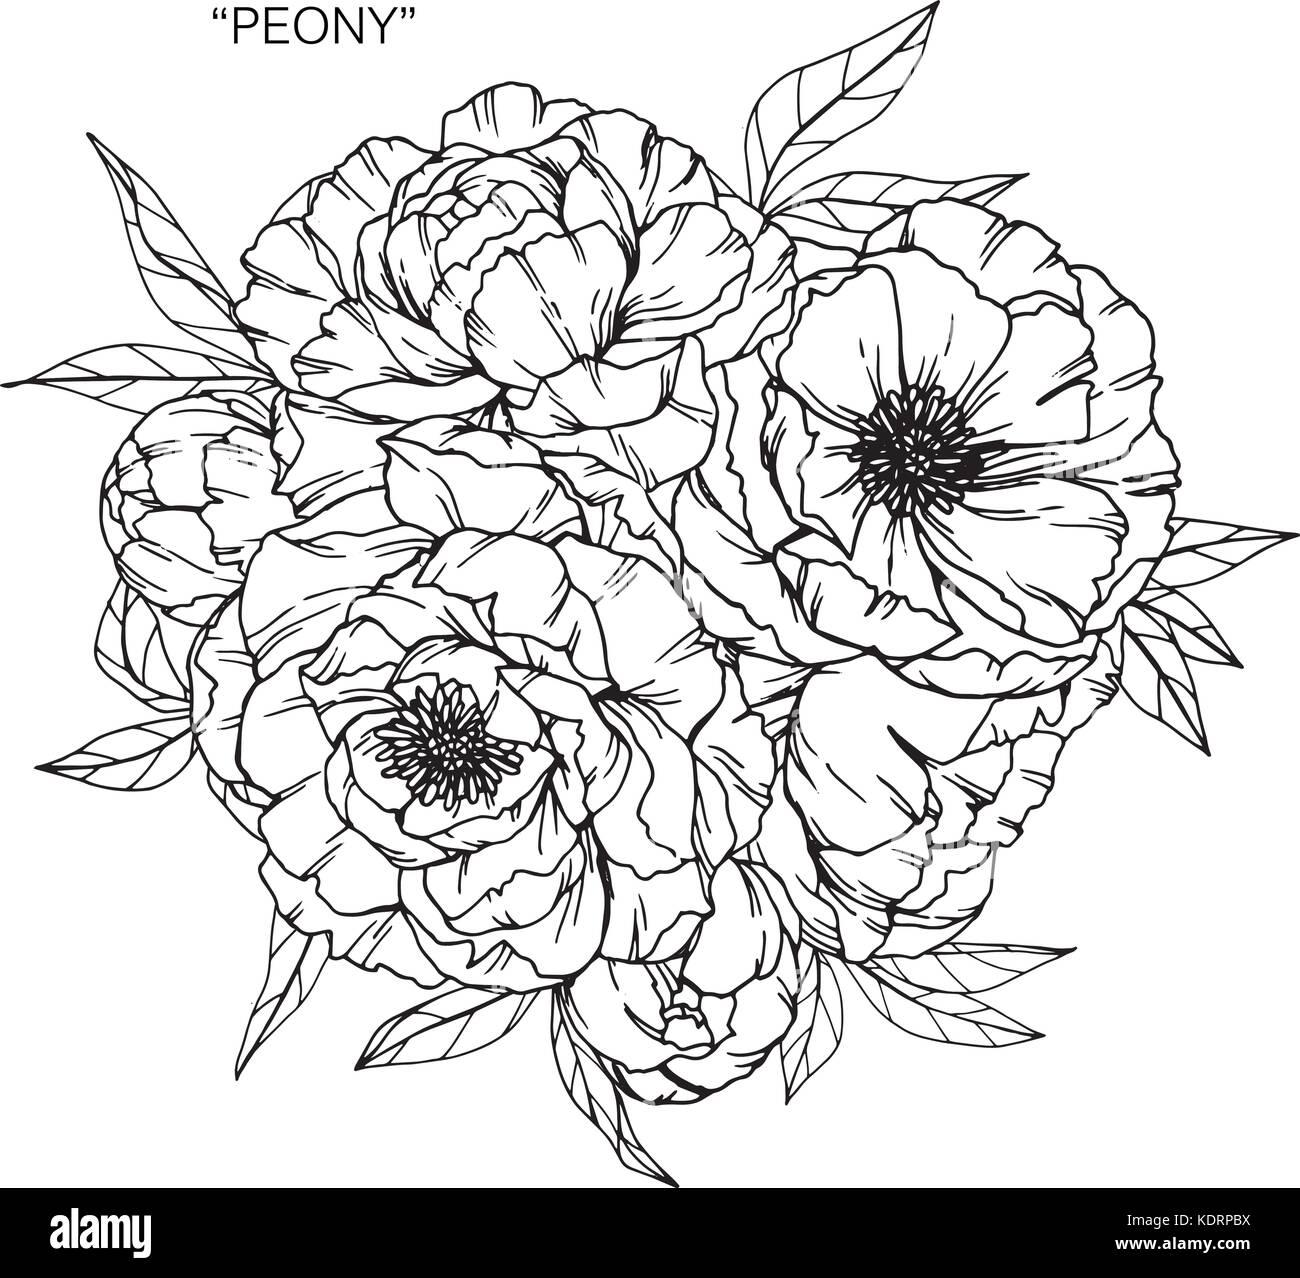 Disegno Mazzo Di Fiori.Bouquet Di Fiori Di Peonia Disegno Illustrazione Vettoriale